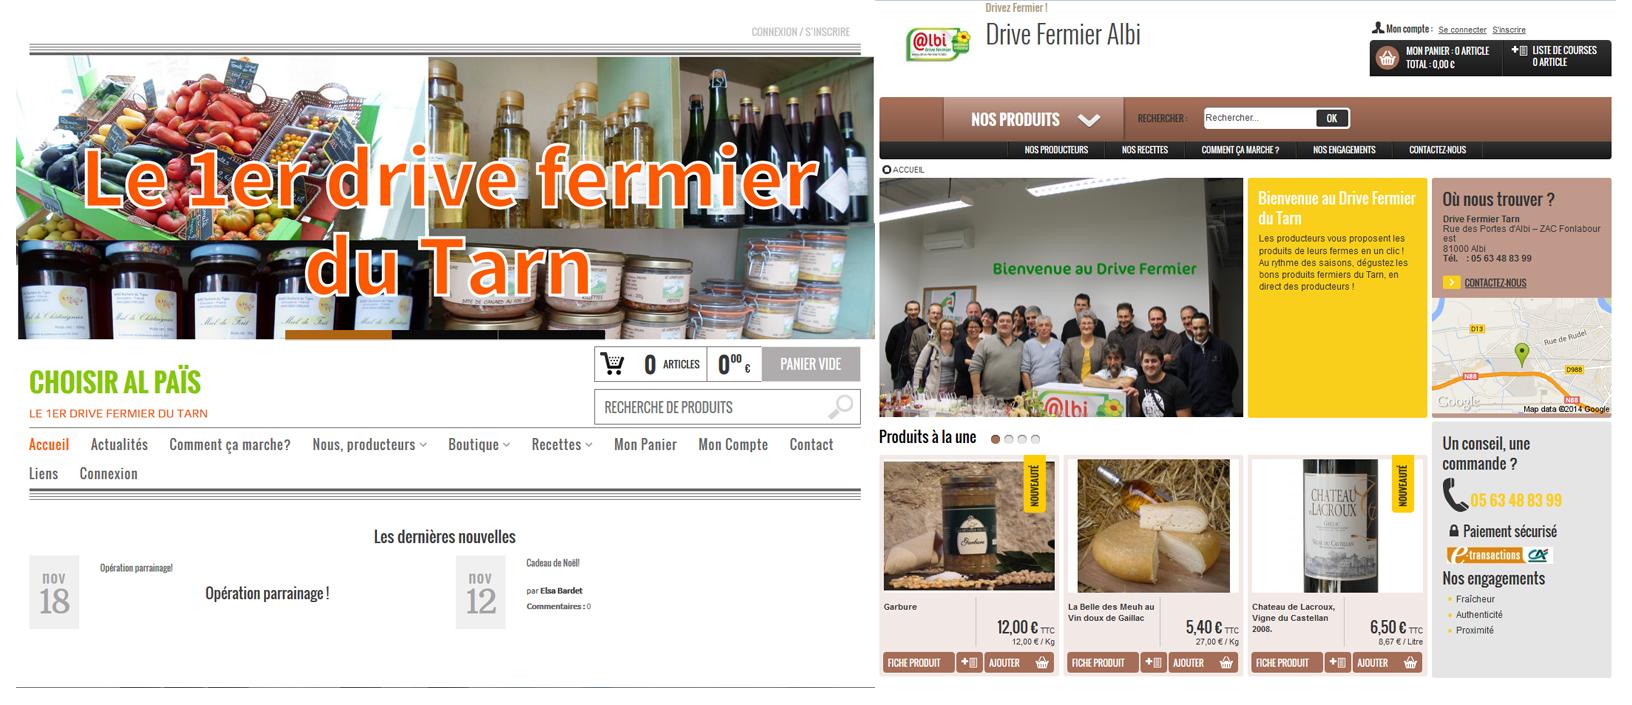 Pages d'accueil des sites internet des drives fermier du Tarn